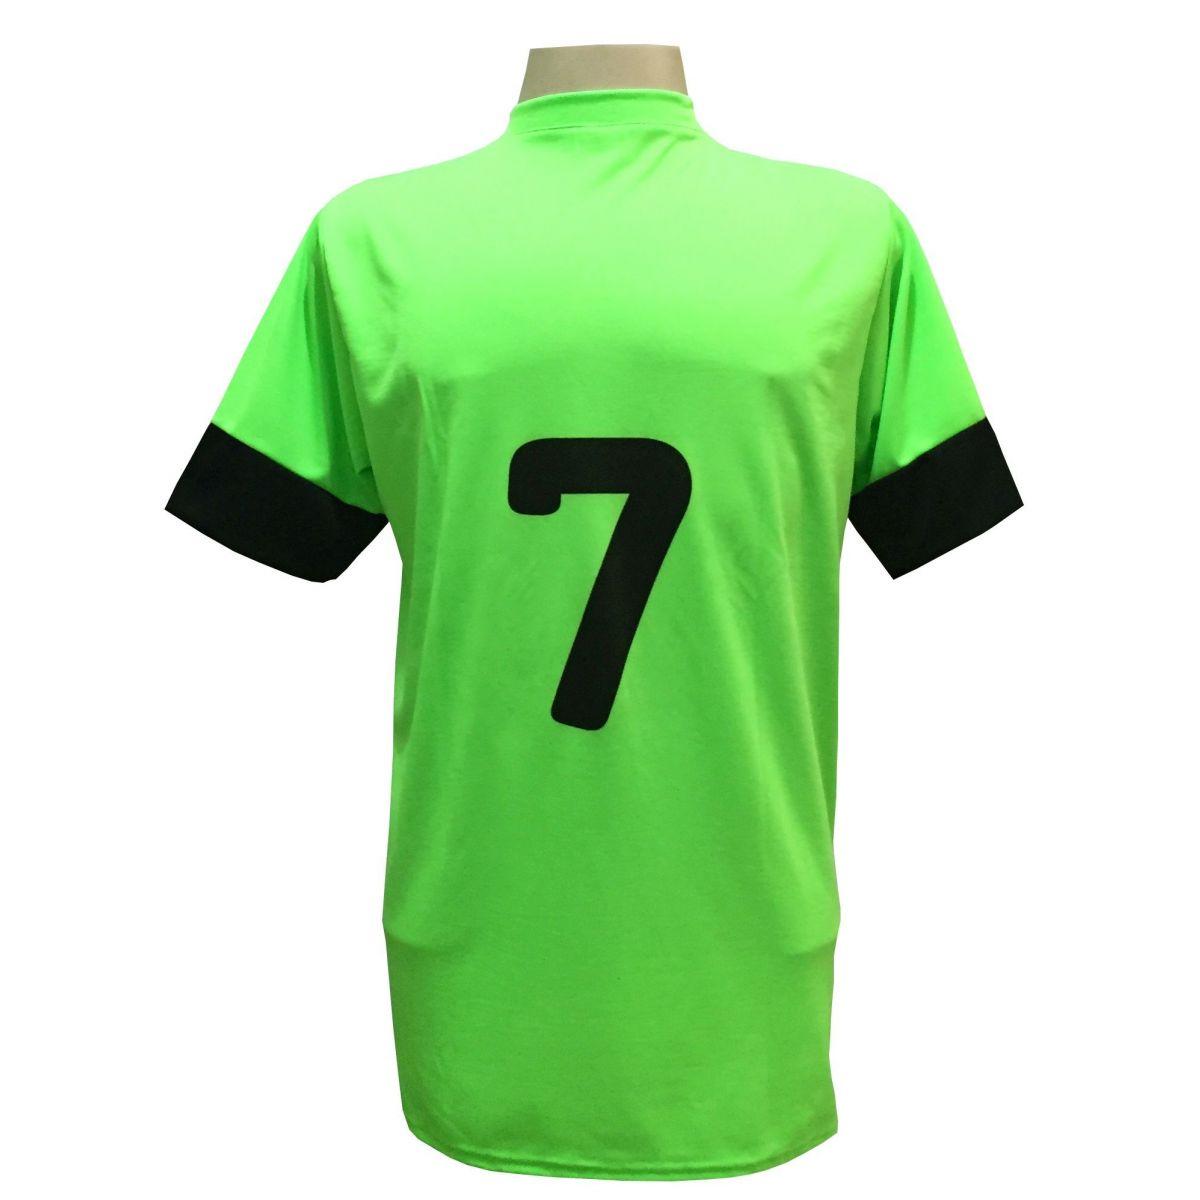 Jogo de Camisa com 18 unidades modelo Columbus Limão/Preto + Brindes